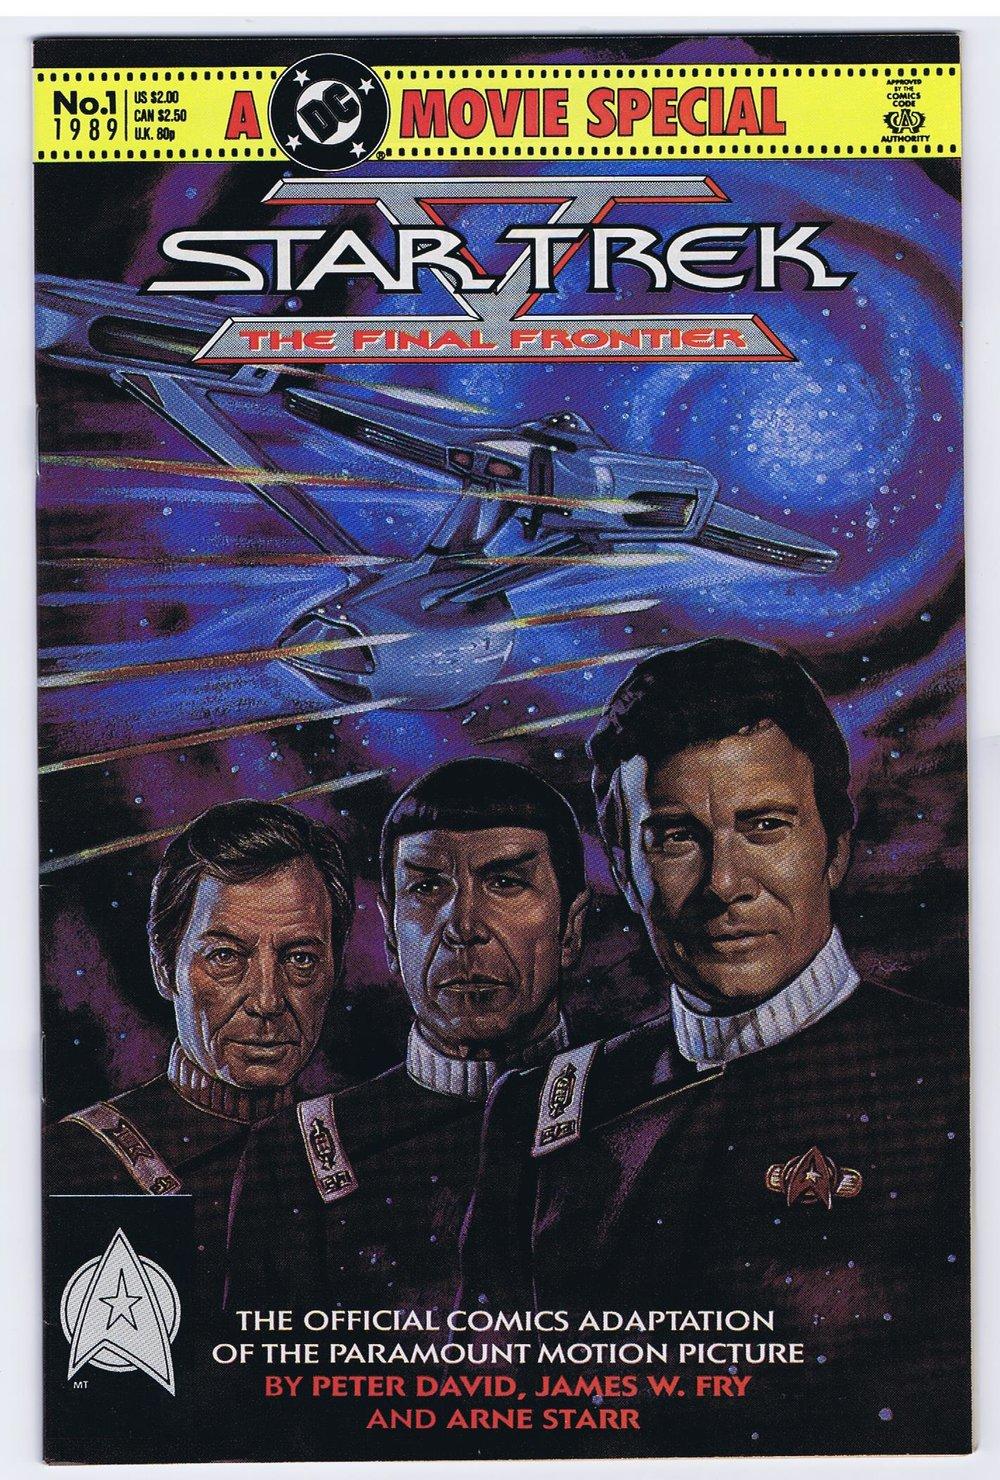 ST DC Movie Special 1989 1.jpg